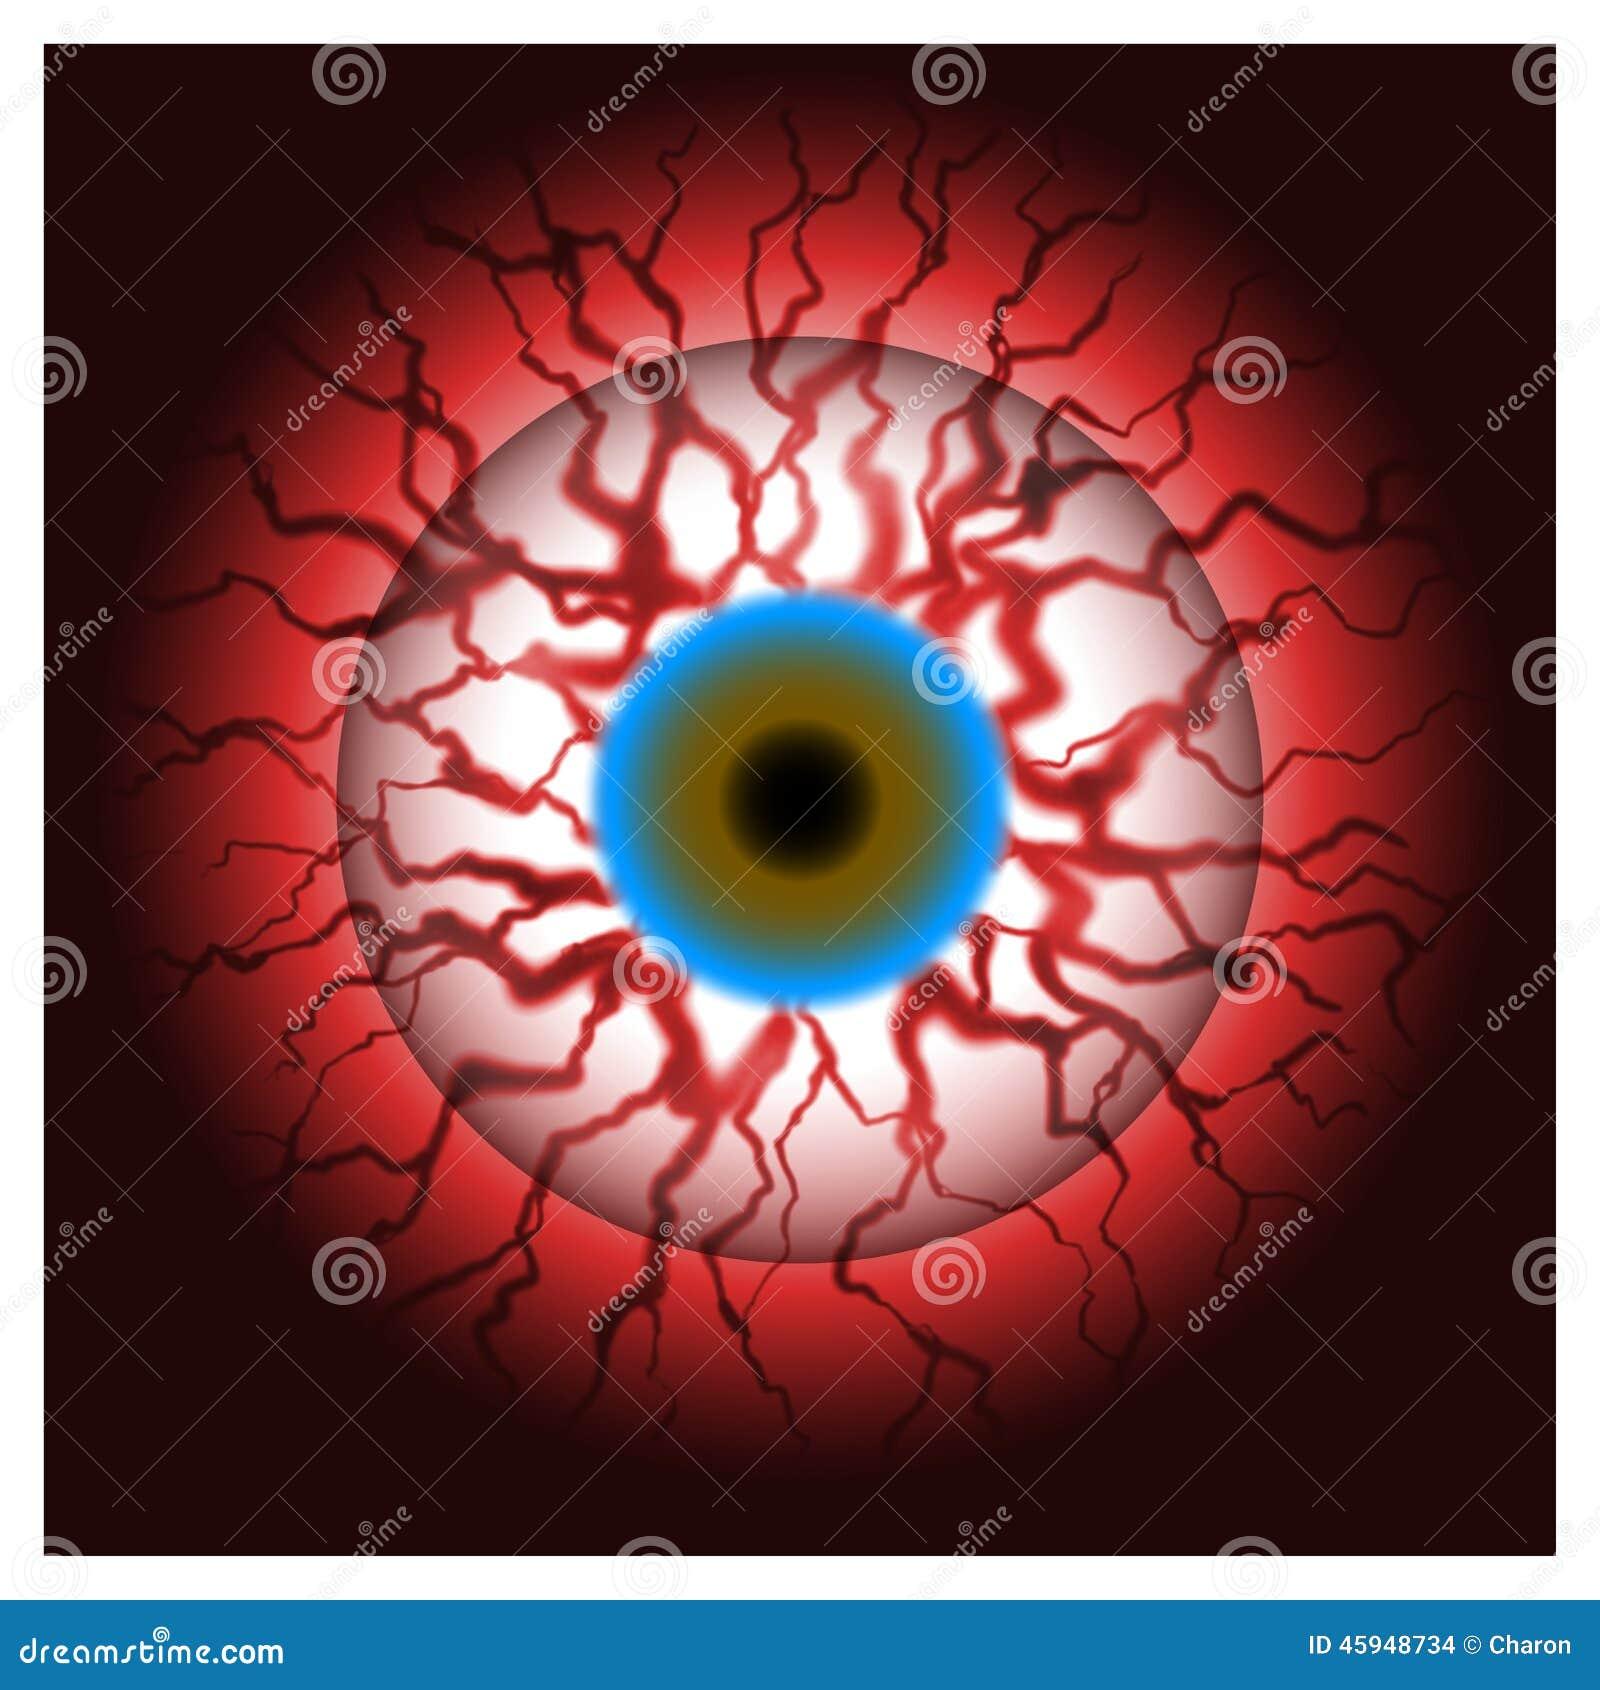 Bloodshot Eyes Concept Art